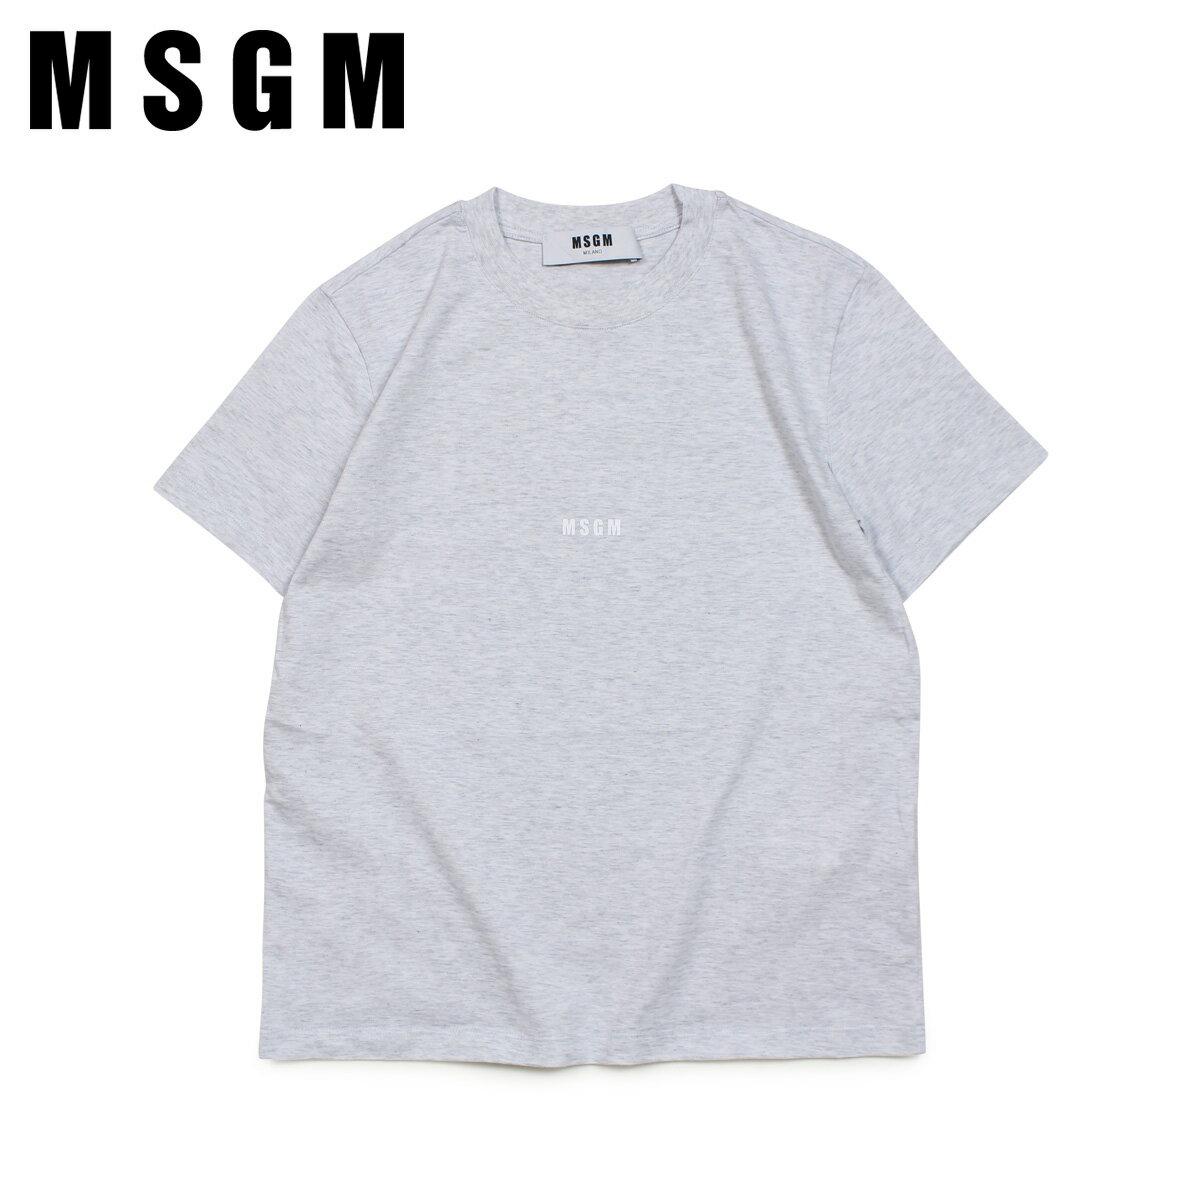 トップス, Tシャツ・カットソー MSGM MICRO LOGO T-SHIRT T MDM100 94